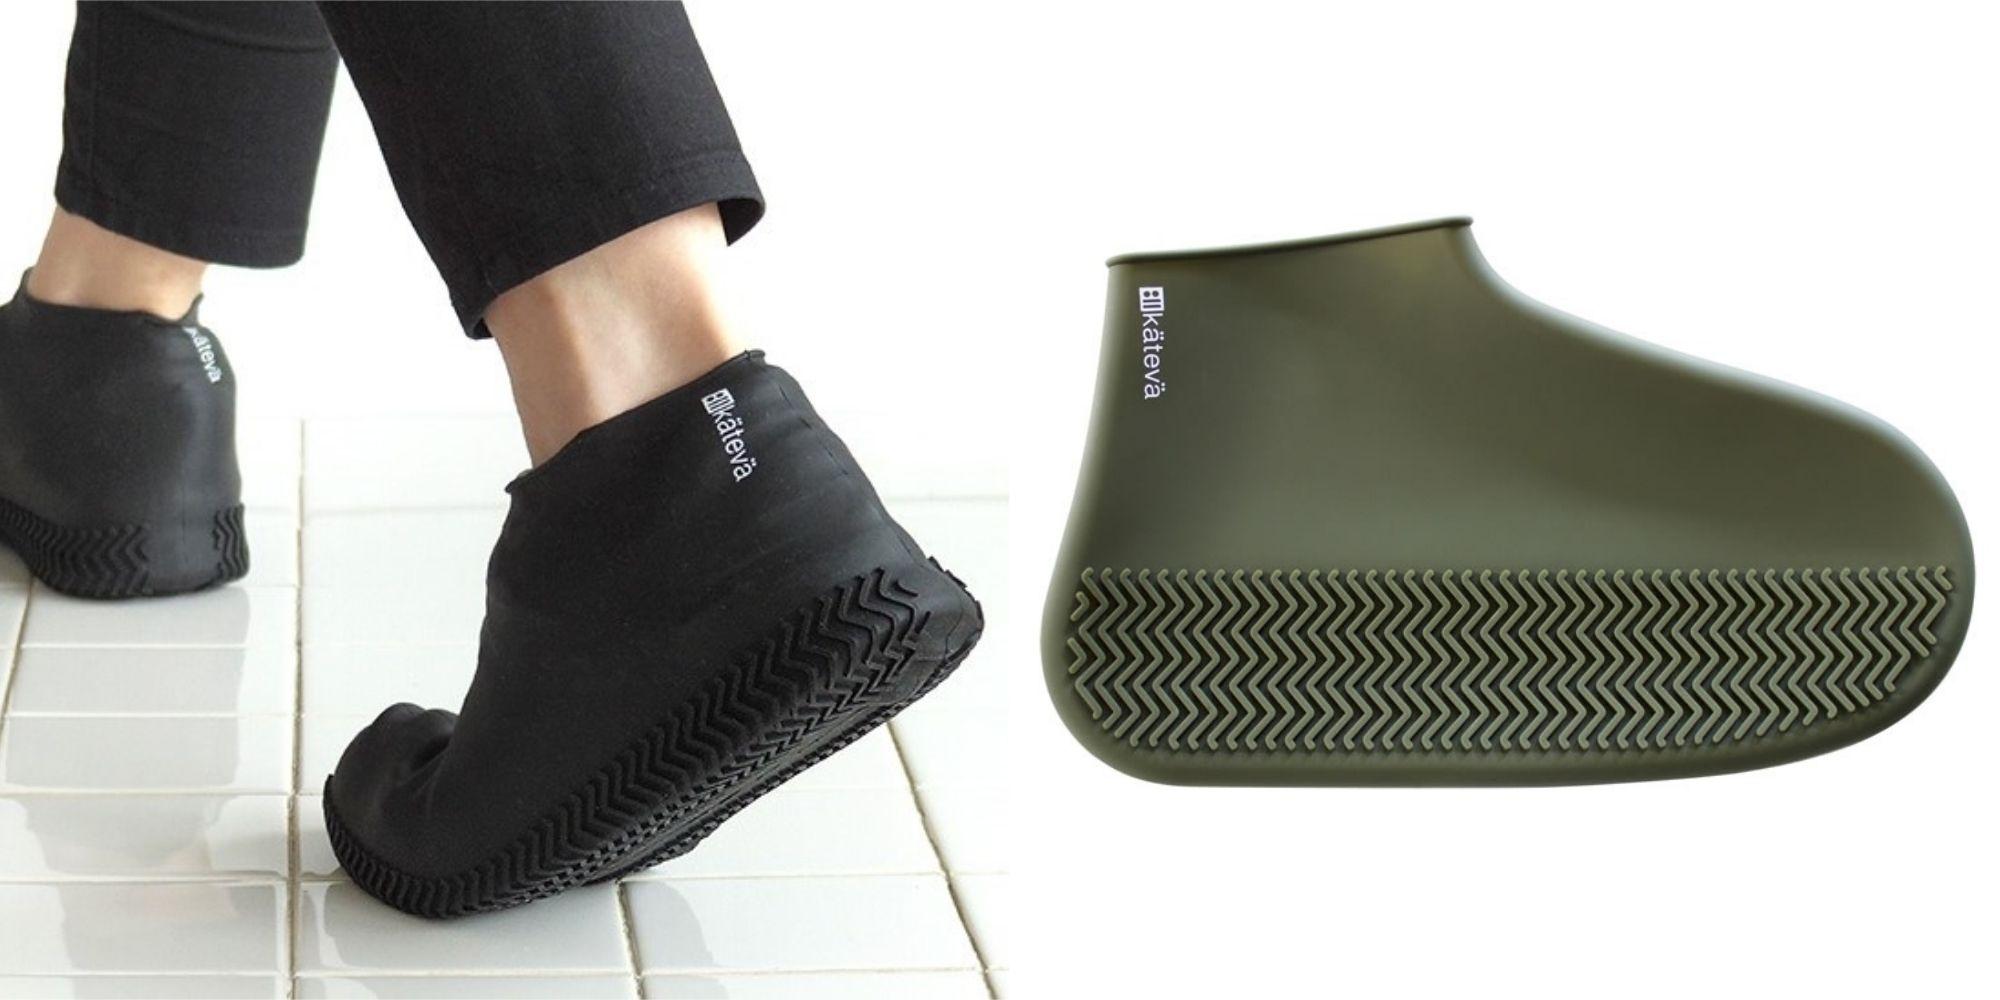 【ELLE怪奇物語】保護好你最愛的那雙鞋!日本雜貨店推出「防水鞋套」,奇怪又實用的日本小物+1!